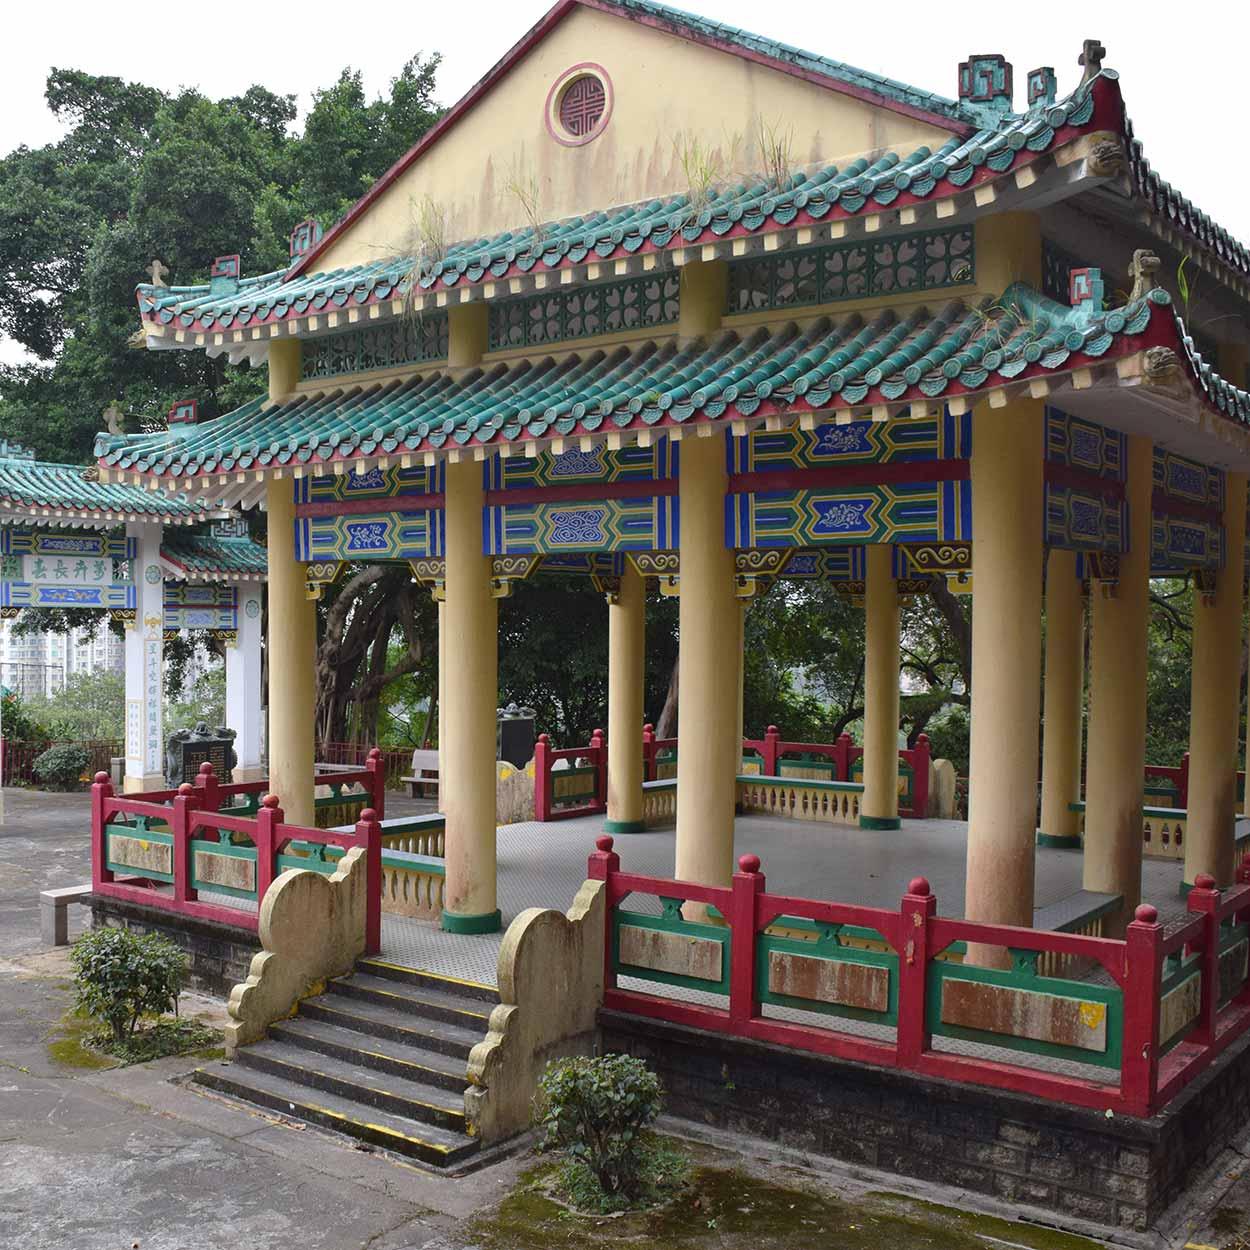 Ming Terrace, Fung Ying Seen Koon, Fanling, Hong Kong, China